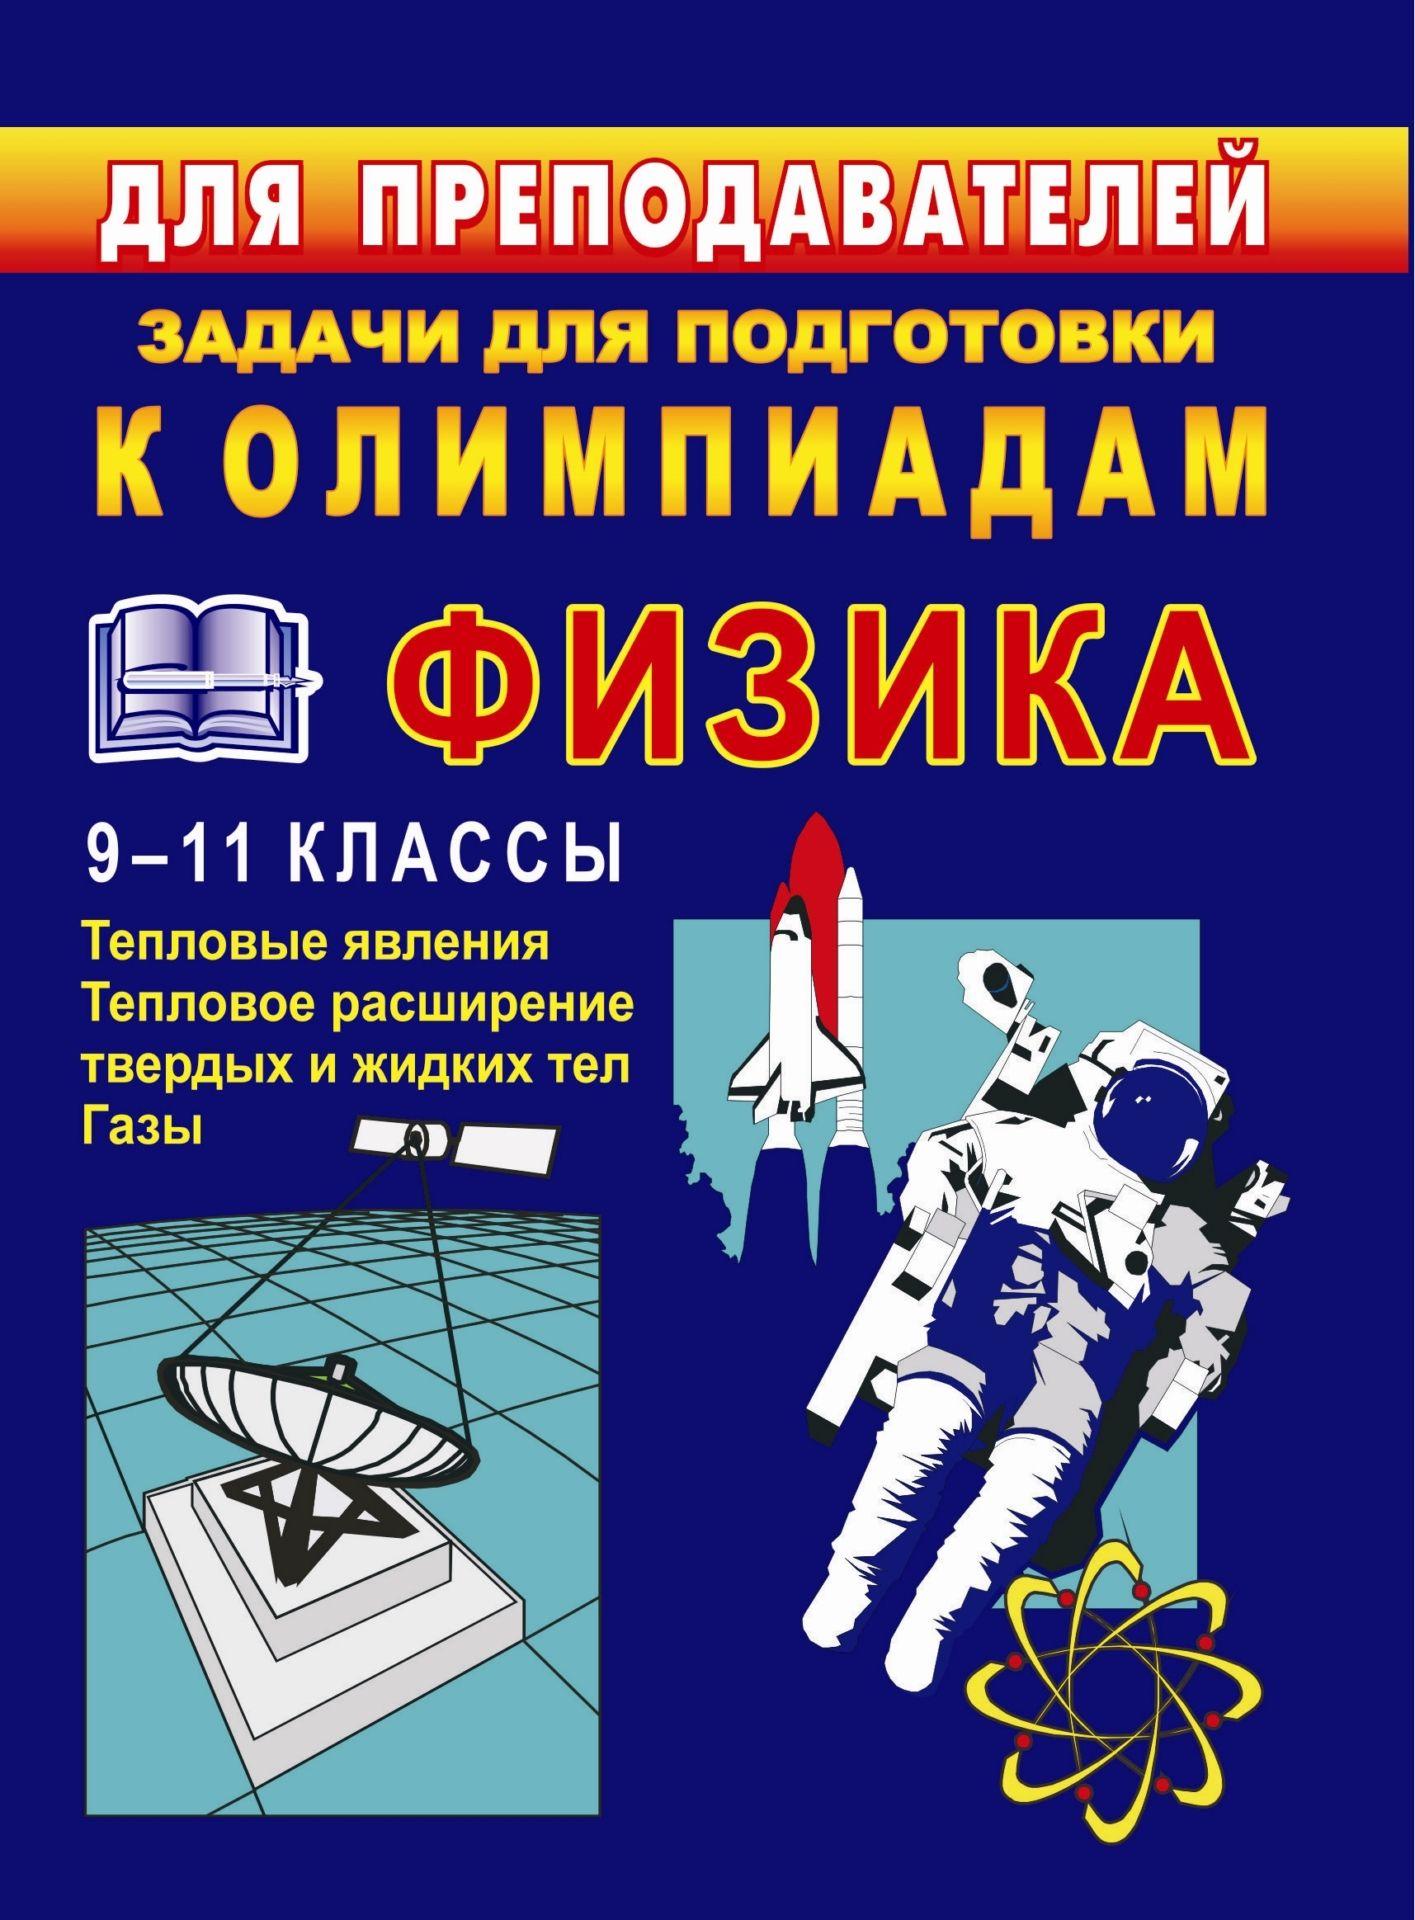 В. А. Шевцов Задачи для подготовки к олимпиадам по физике. 9-11 класс. Тепловые явления